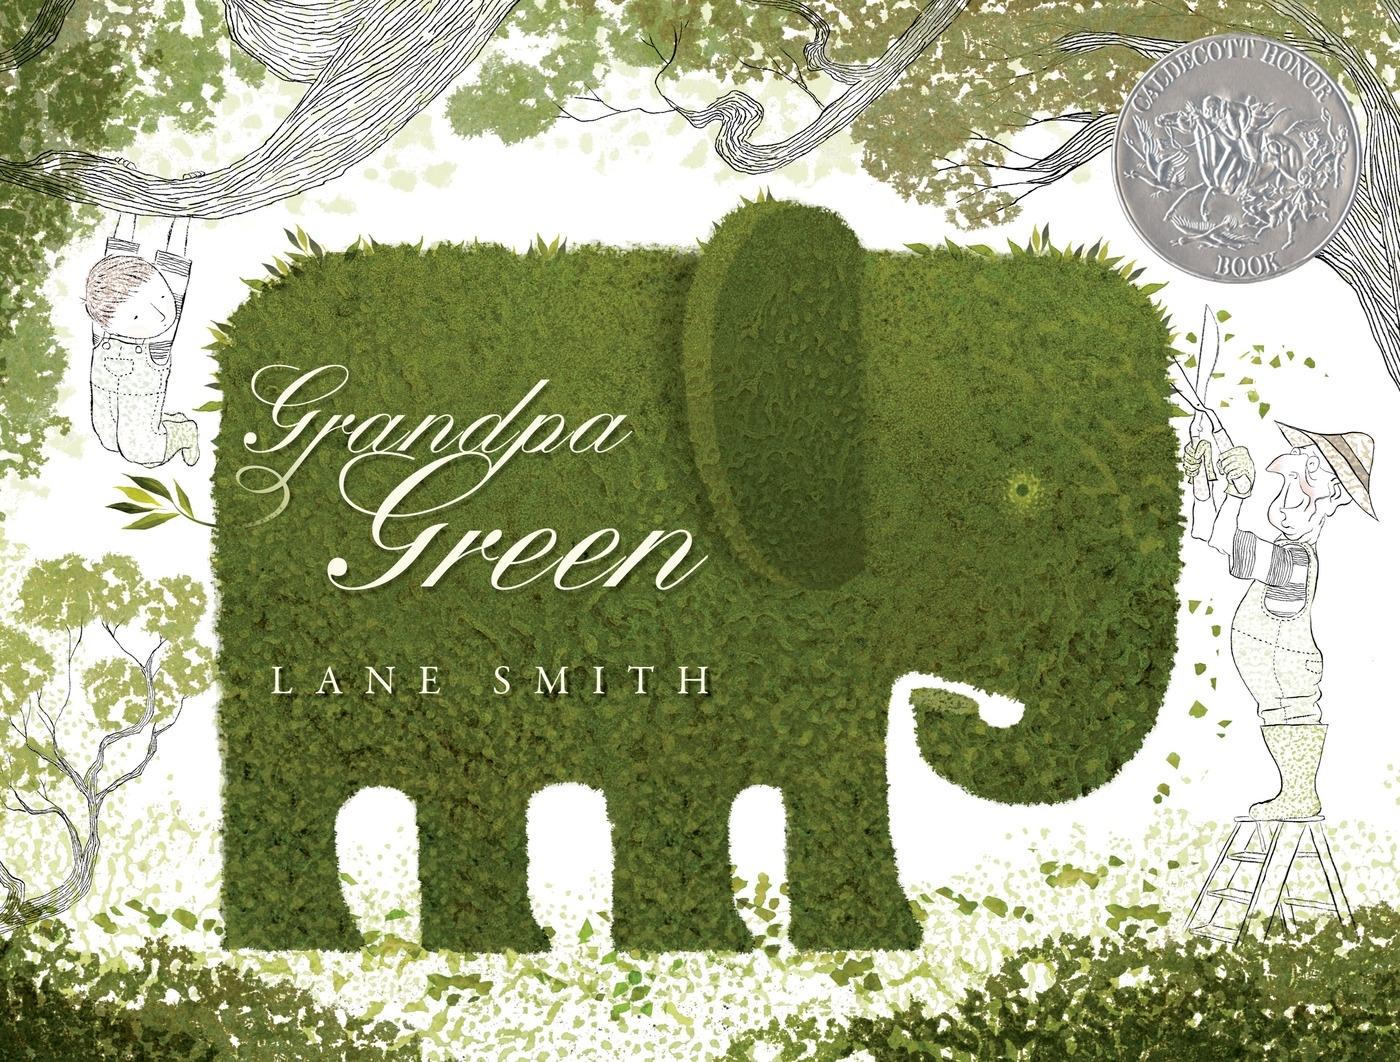 Cover of    Grandpa Green  ,  Lane Smith